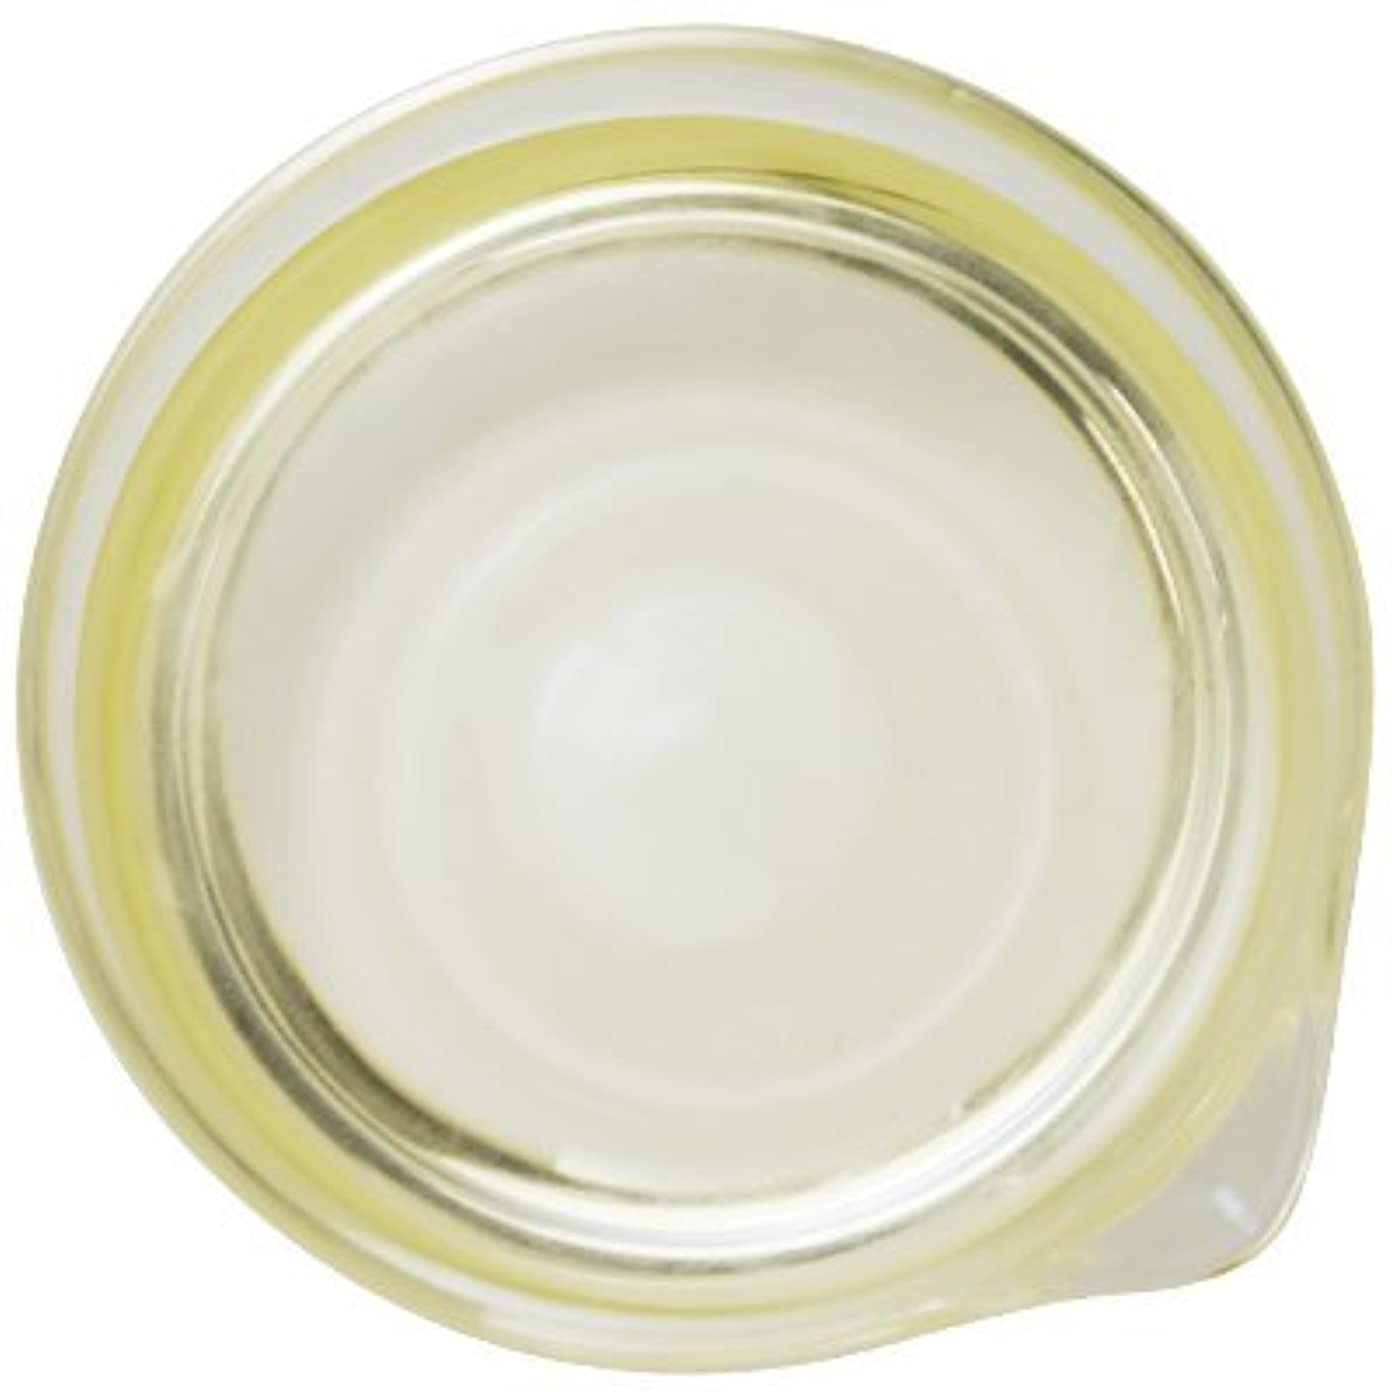 セサミオイル 1L [白ごま油]【手作り石鹸/手作りコスメ/ごま油】【birth】